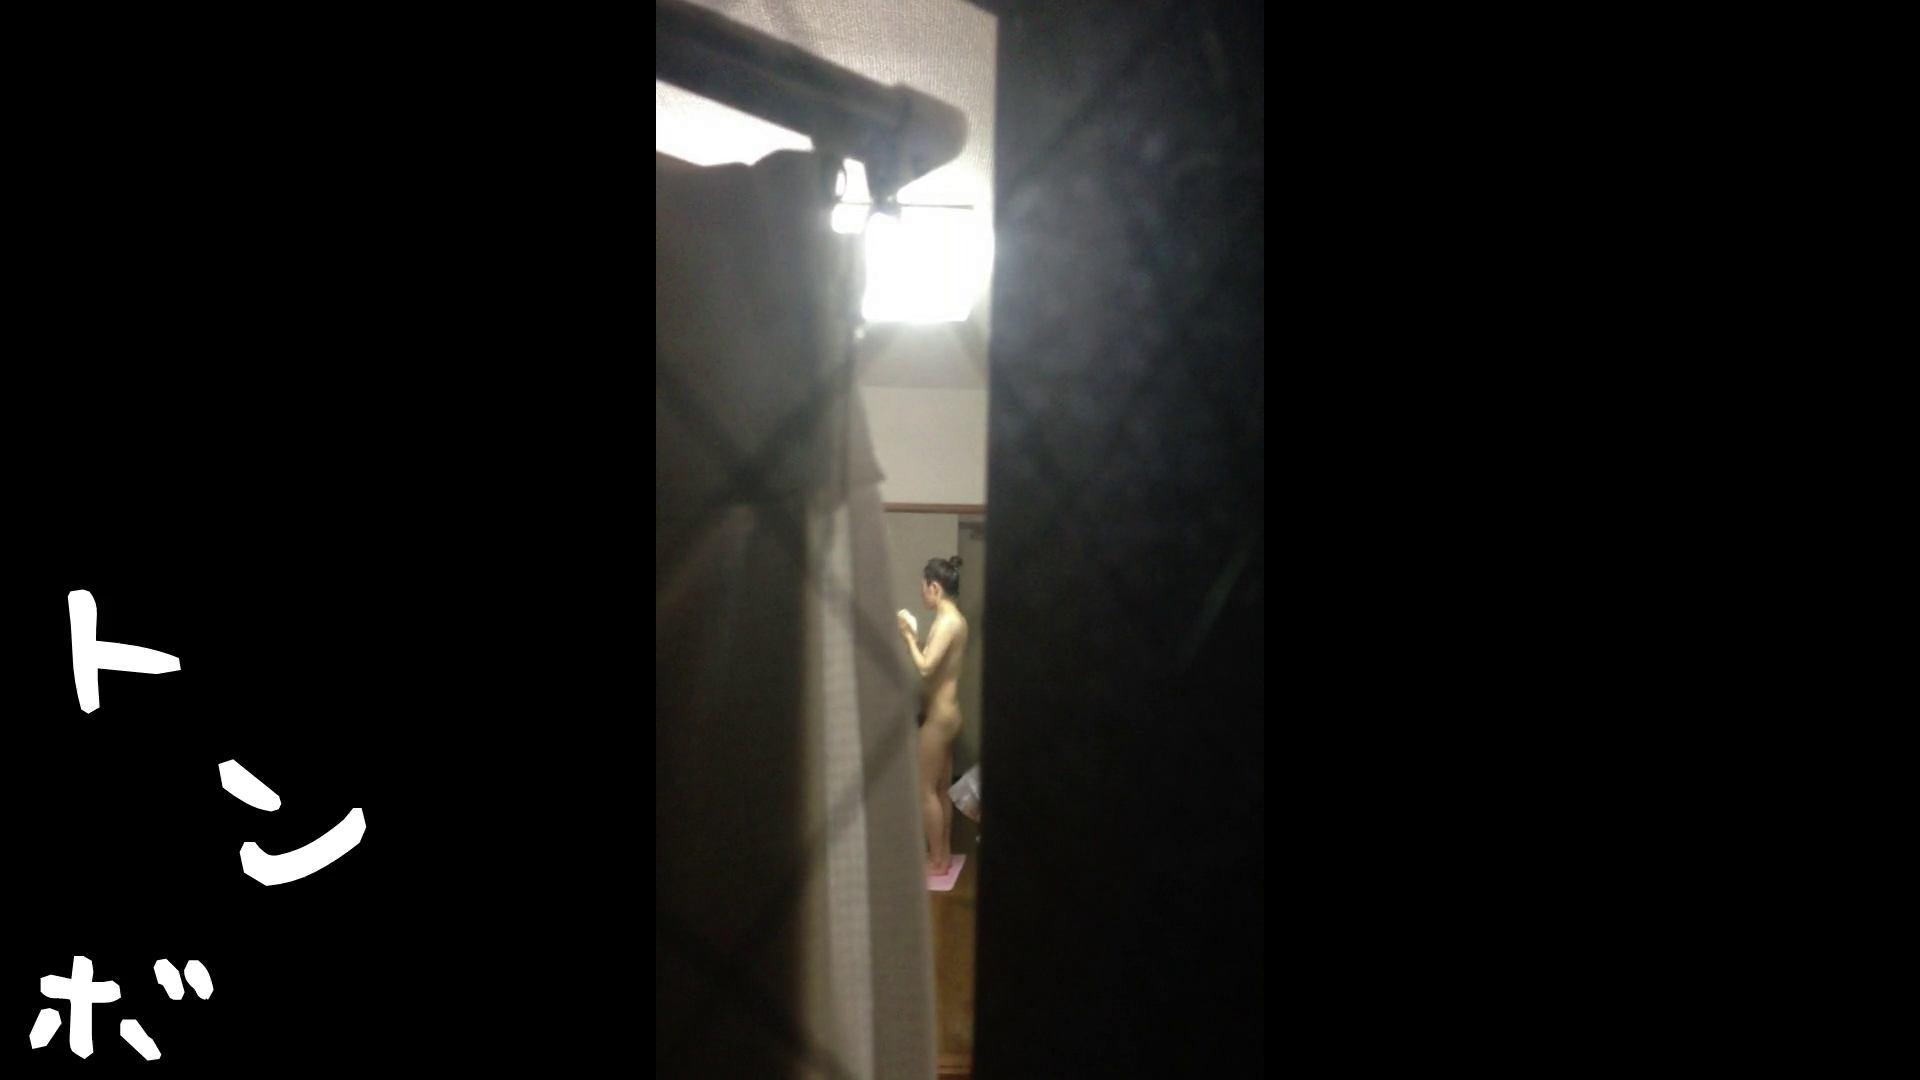 【リアル盗撮】元ジュディマリのYIUKI似 某歌手丸秘ヌード 潜入エロ調査   美女達のヌード  61連発 30